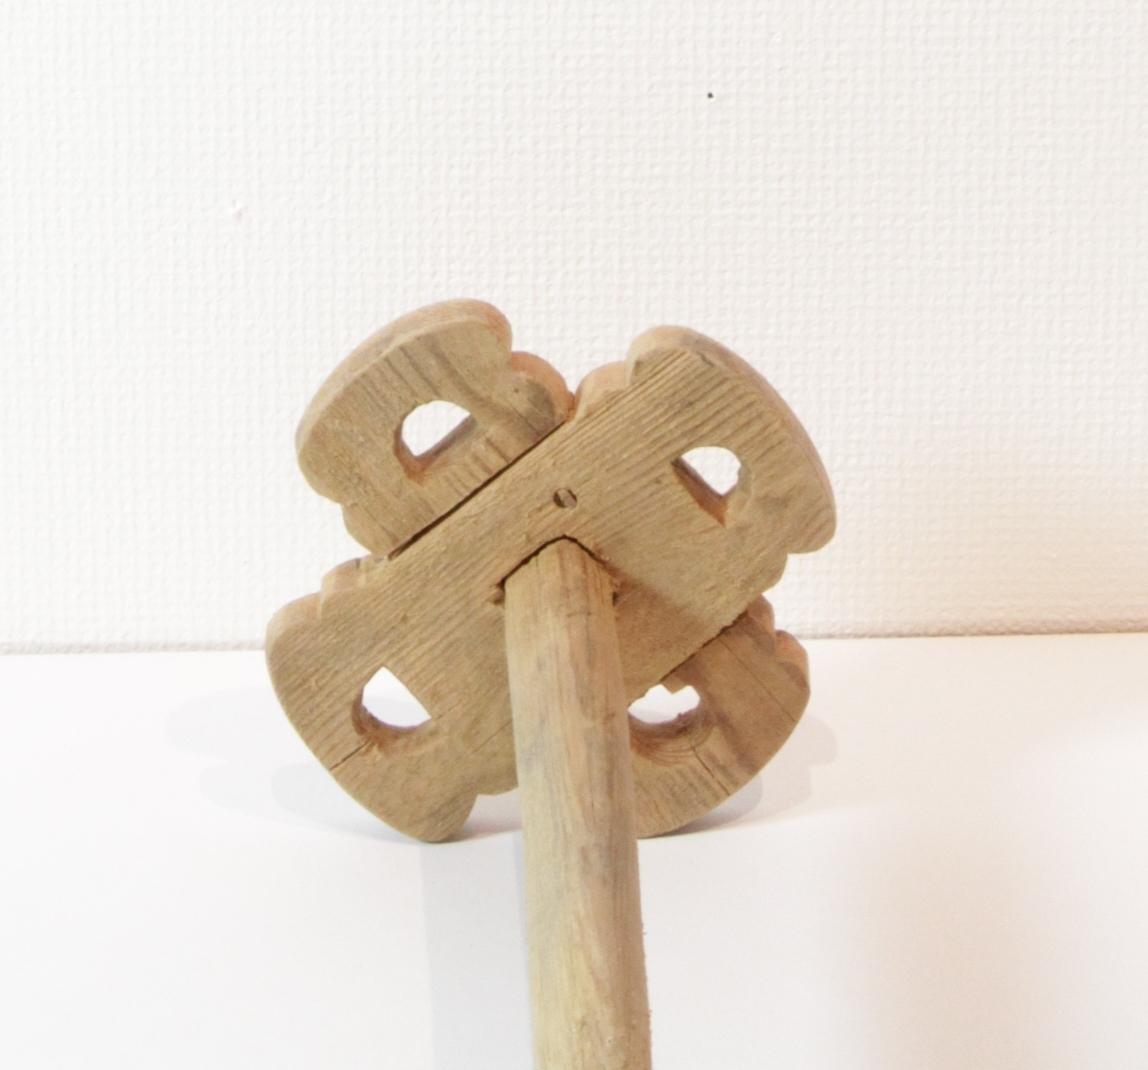 Kinnestav med langt håndtak som er rundt i snitt og smalner litt mot enden. I andre enden er det festet et vannrett stående kryss som består av to deler som er plugget fast til hverandre. I hvert av kryssene er det skåret et gjennomgående hull. Kryssene er profilerte. Kinnestaven hører til en stavkinne som ble brukt til å kinne smør med.